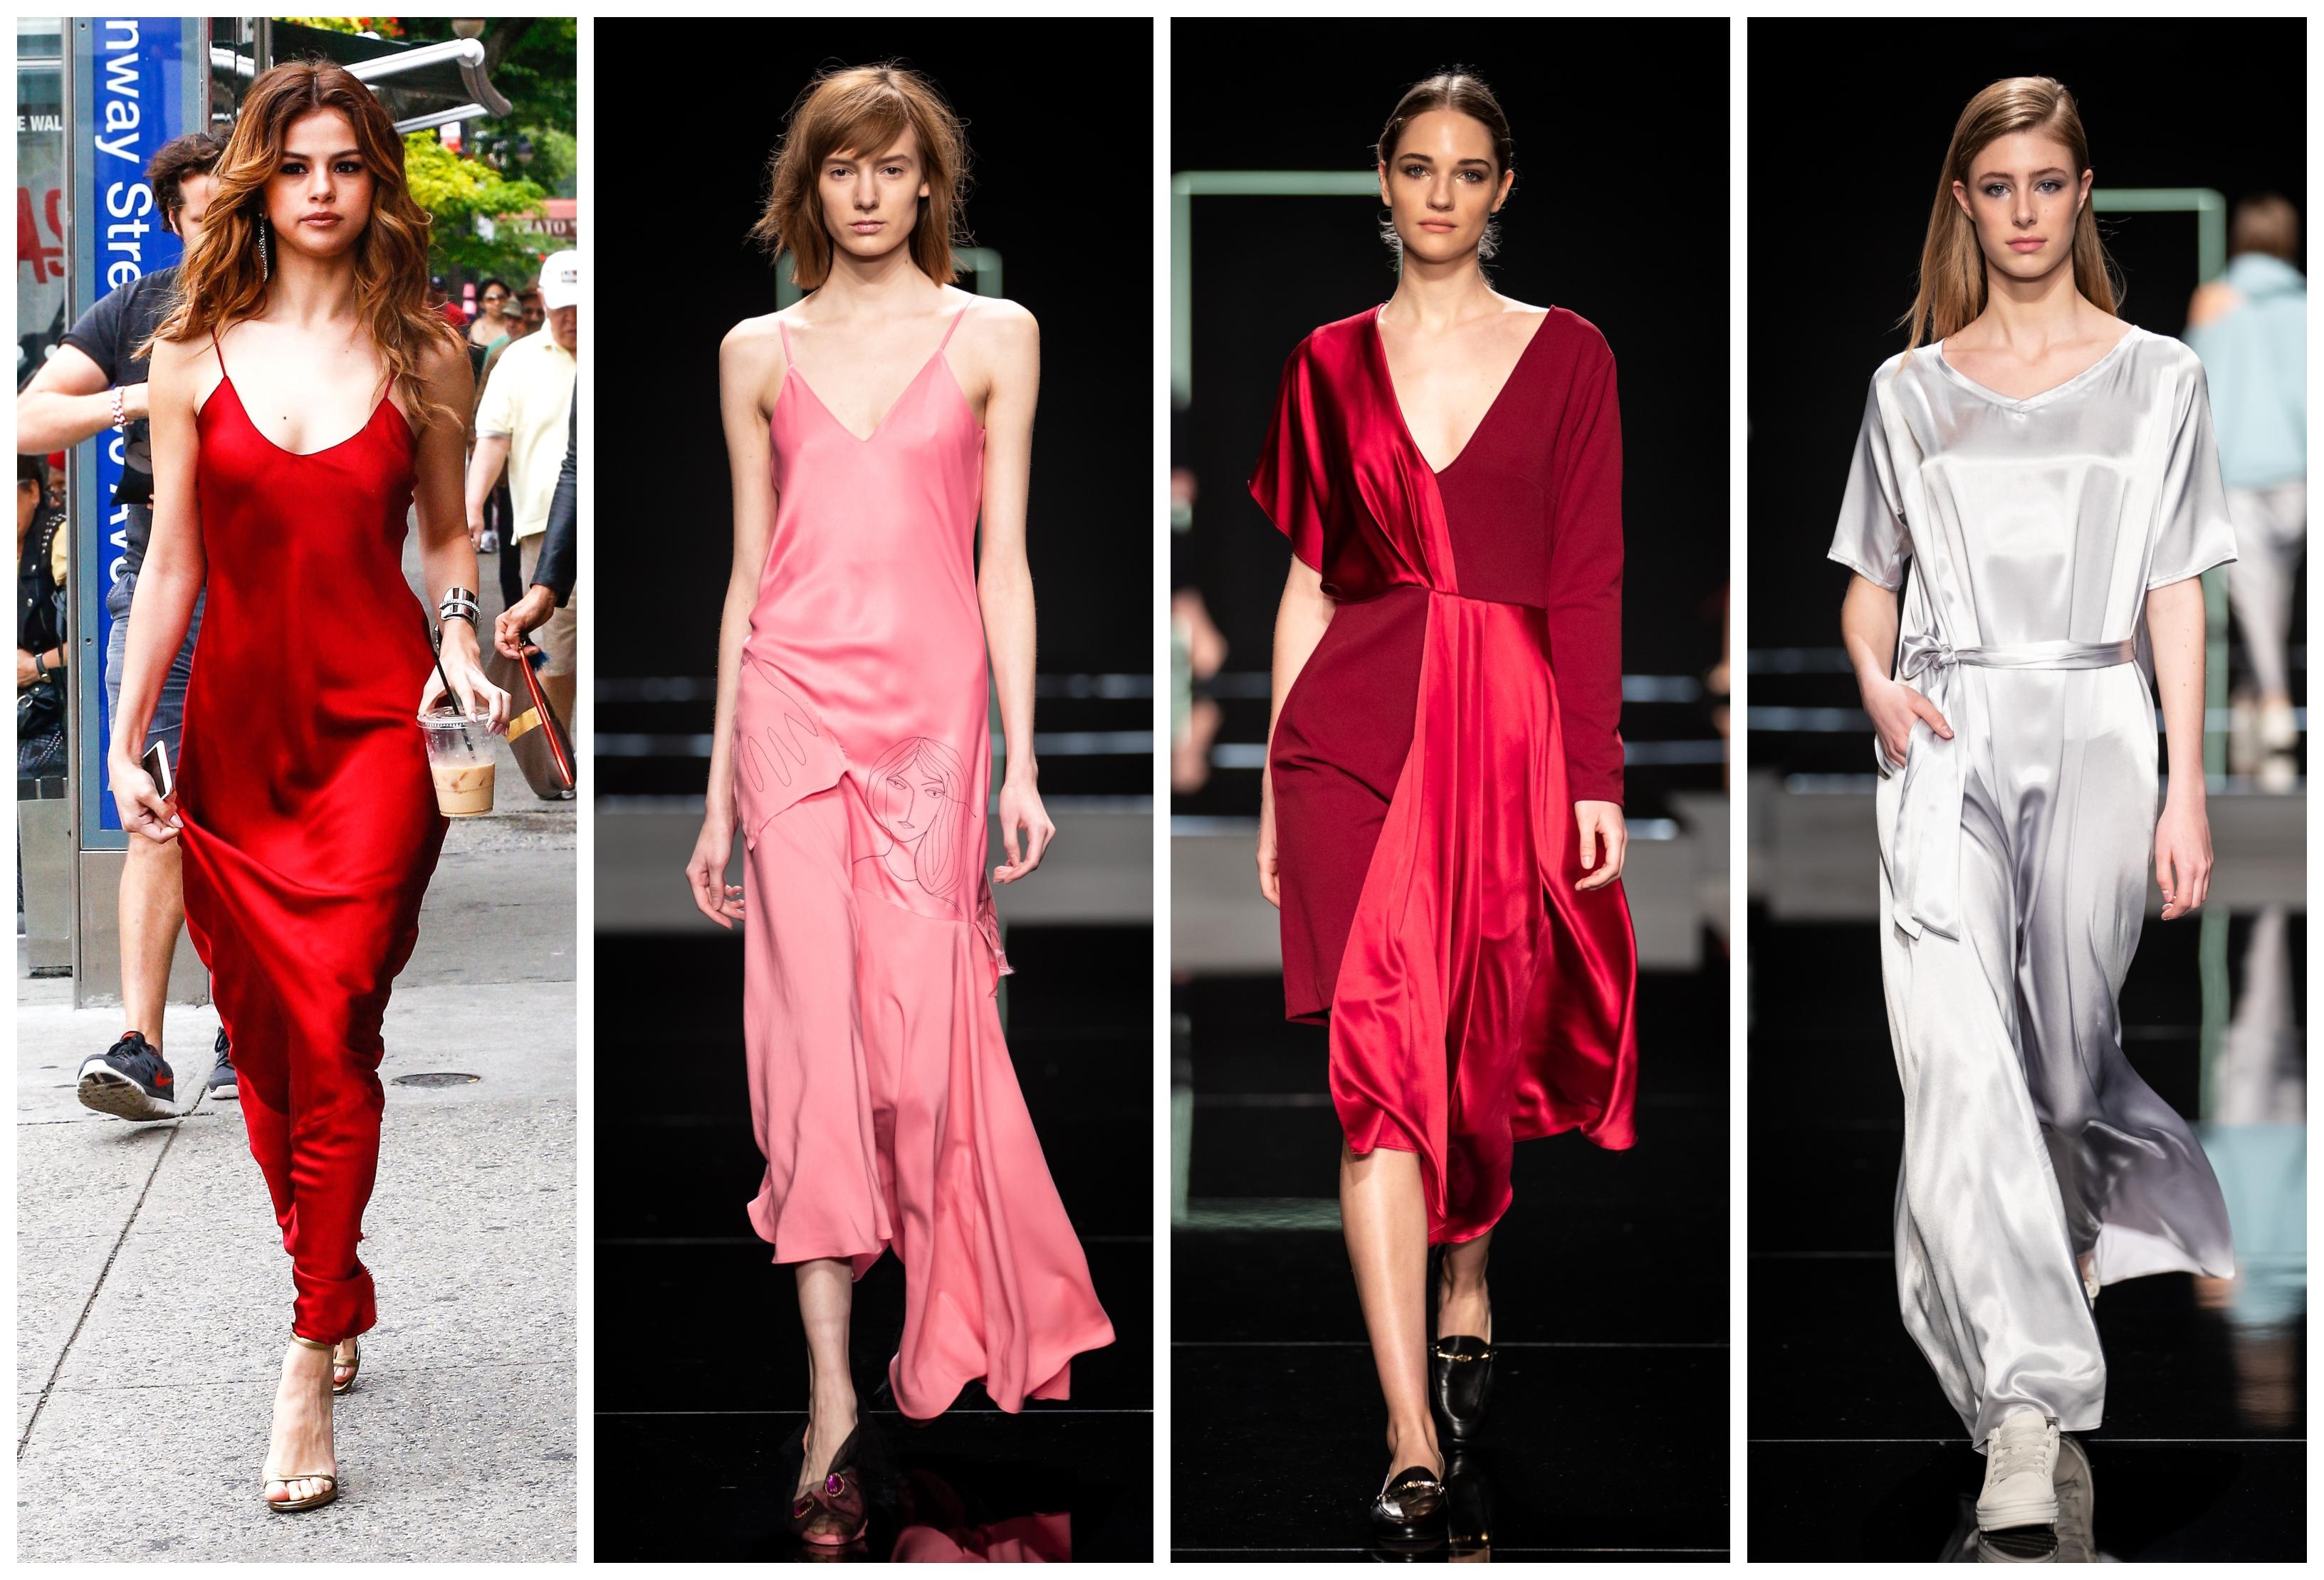 Nem csak Selena Gomez tudja, hogy egy selyemhatású slip dress mennyire szexi tud lenni - a jó hír, hogy a következő szezonban is divatos lesz! Jó példa erre a Je suis belle, a Celeni vagy a CAKO modellje is a kifutón.